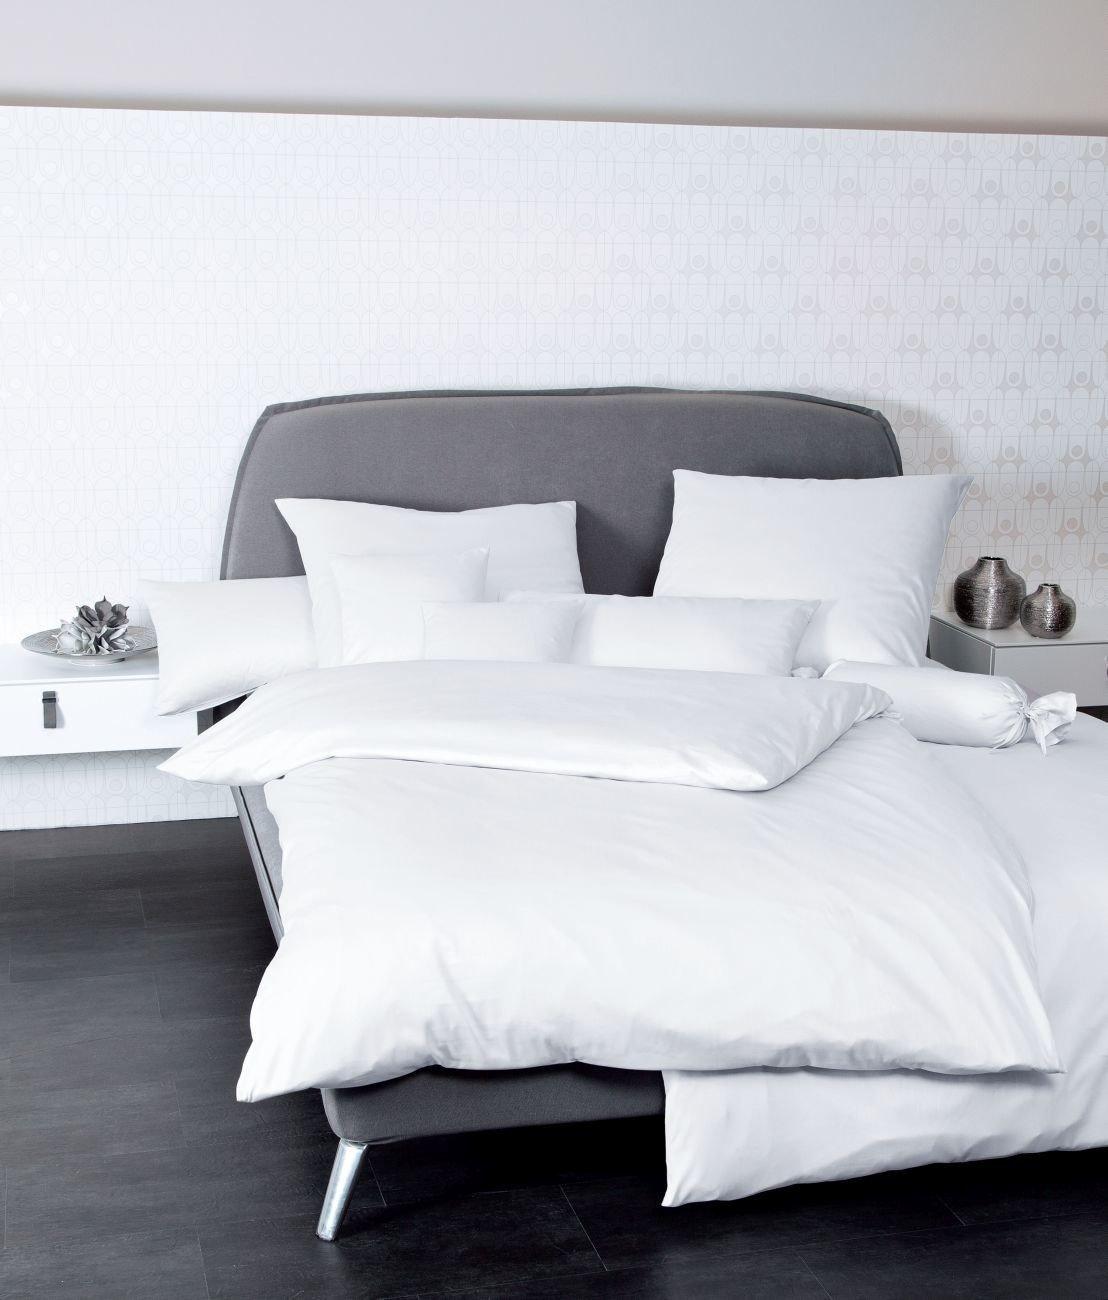 Full Size of Betten München 200x220 Hasena Ebay 180x200 Trends Rauch 140x200 Amazon Weiß Frankfurt 100x200 Günstige Japanische Landhausstil Massivholz Bett Betten 200x220